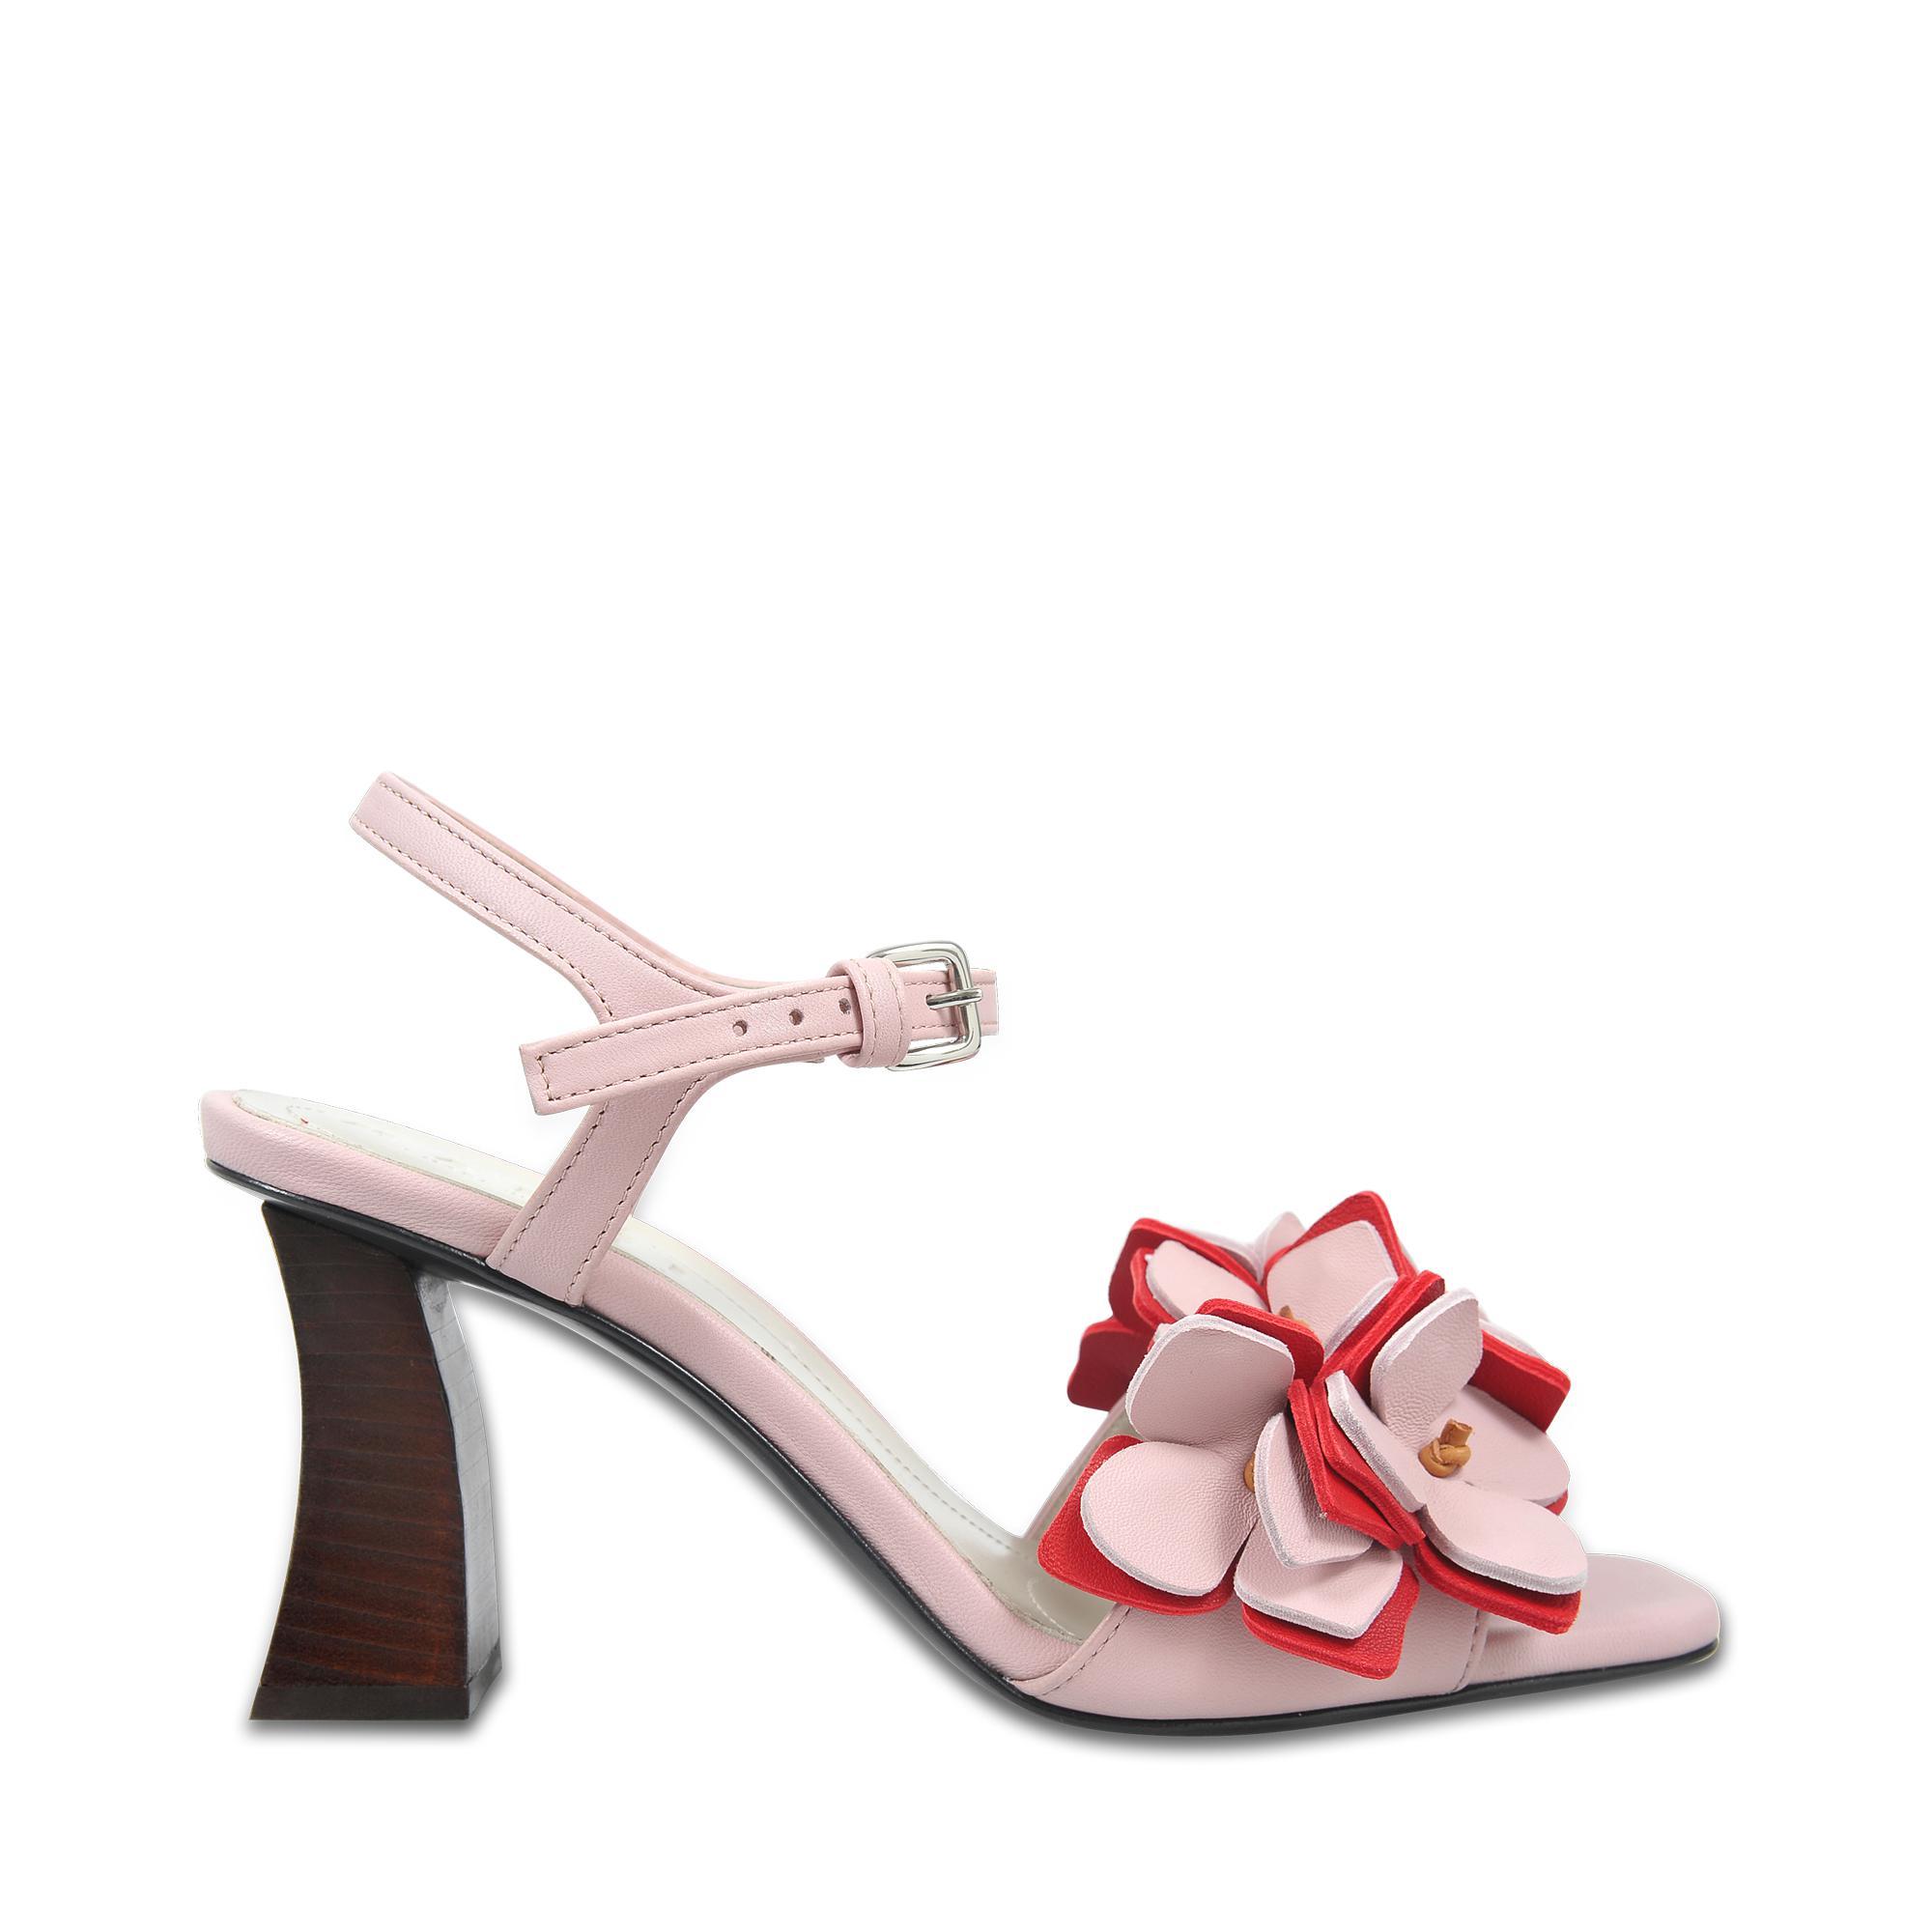 Flower Sandals in Light Pink Sheep and Calfskin Marni Sale Buy kaF4TjvF